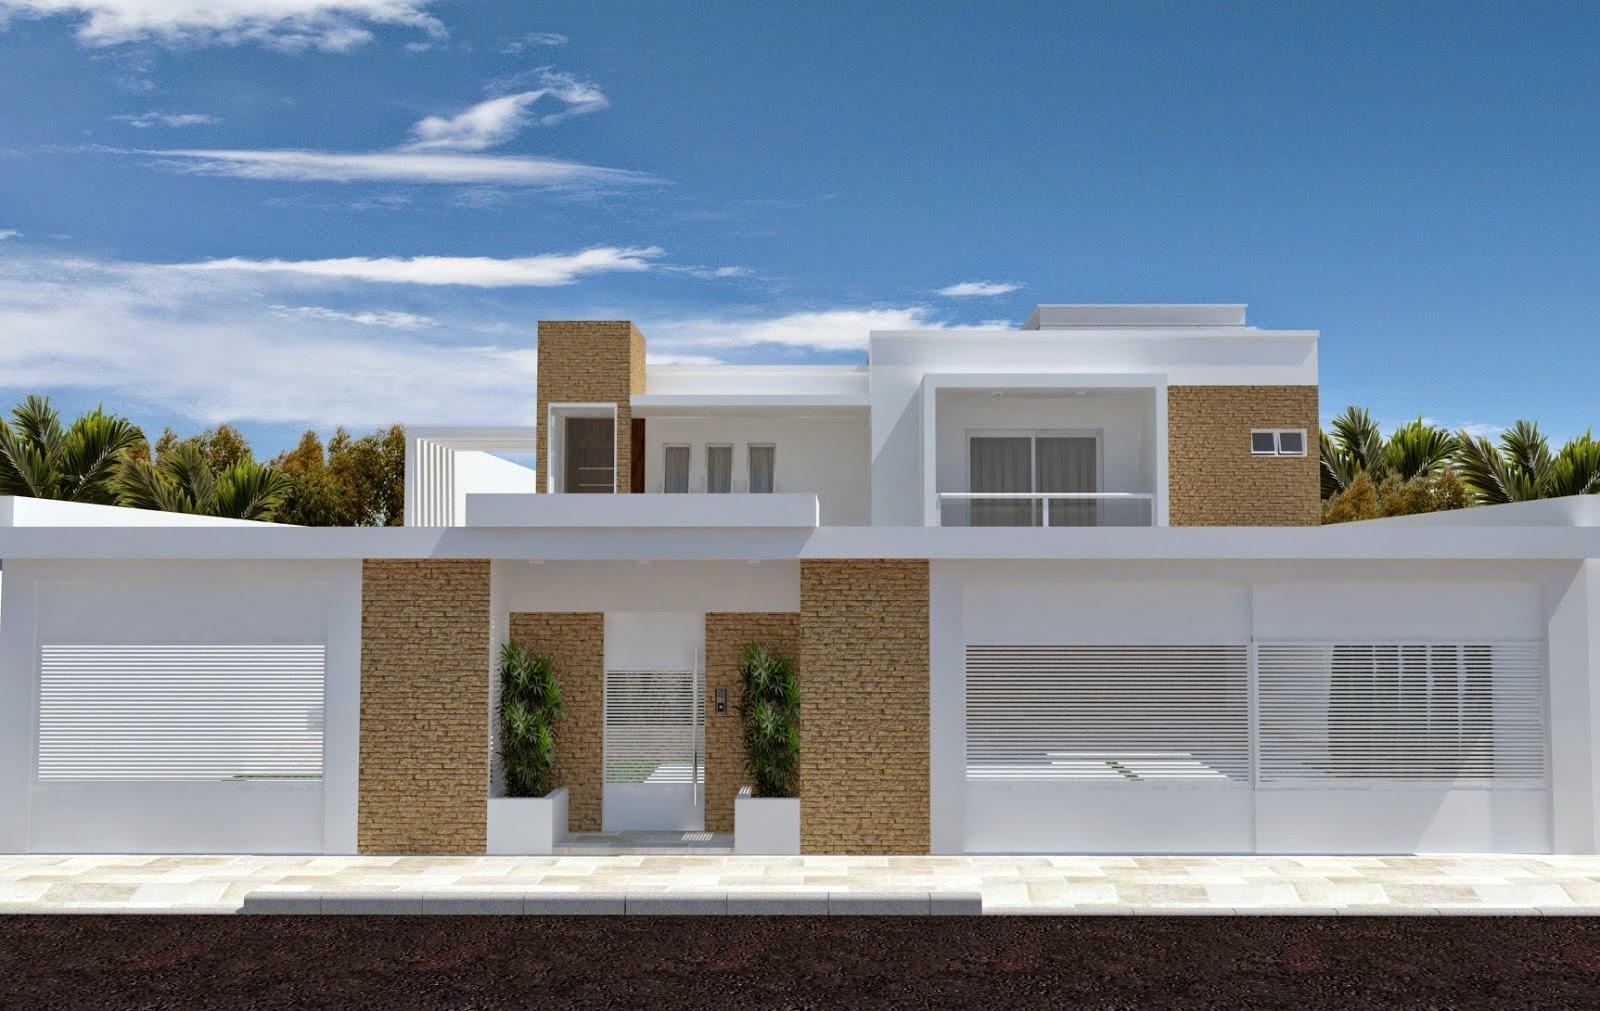 60 modelos de muros residenciais fachadas fotos e dicas for Fachada de casas modernas y bonitas